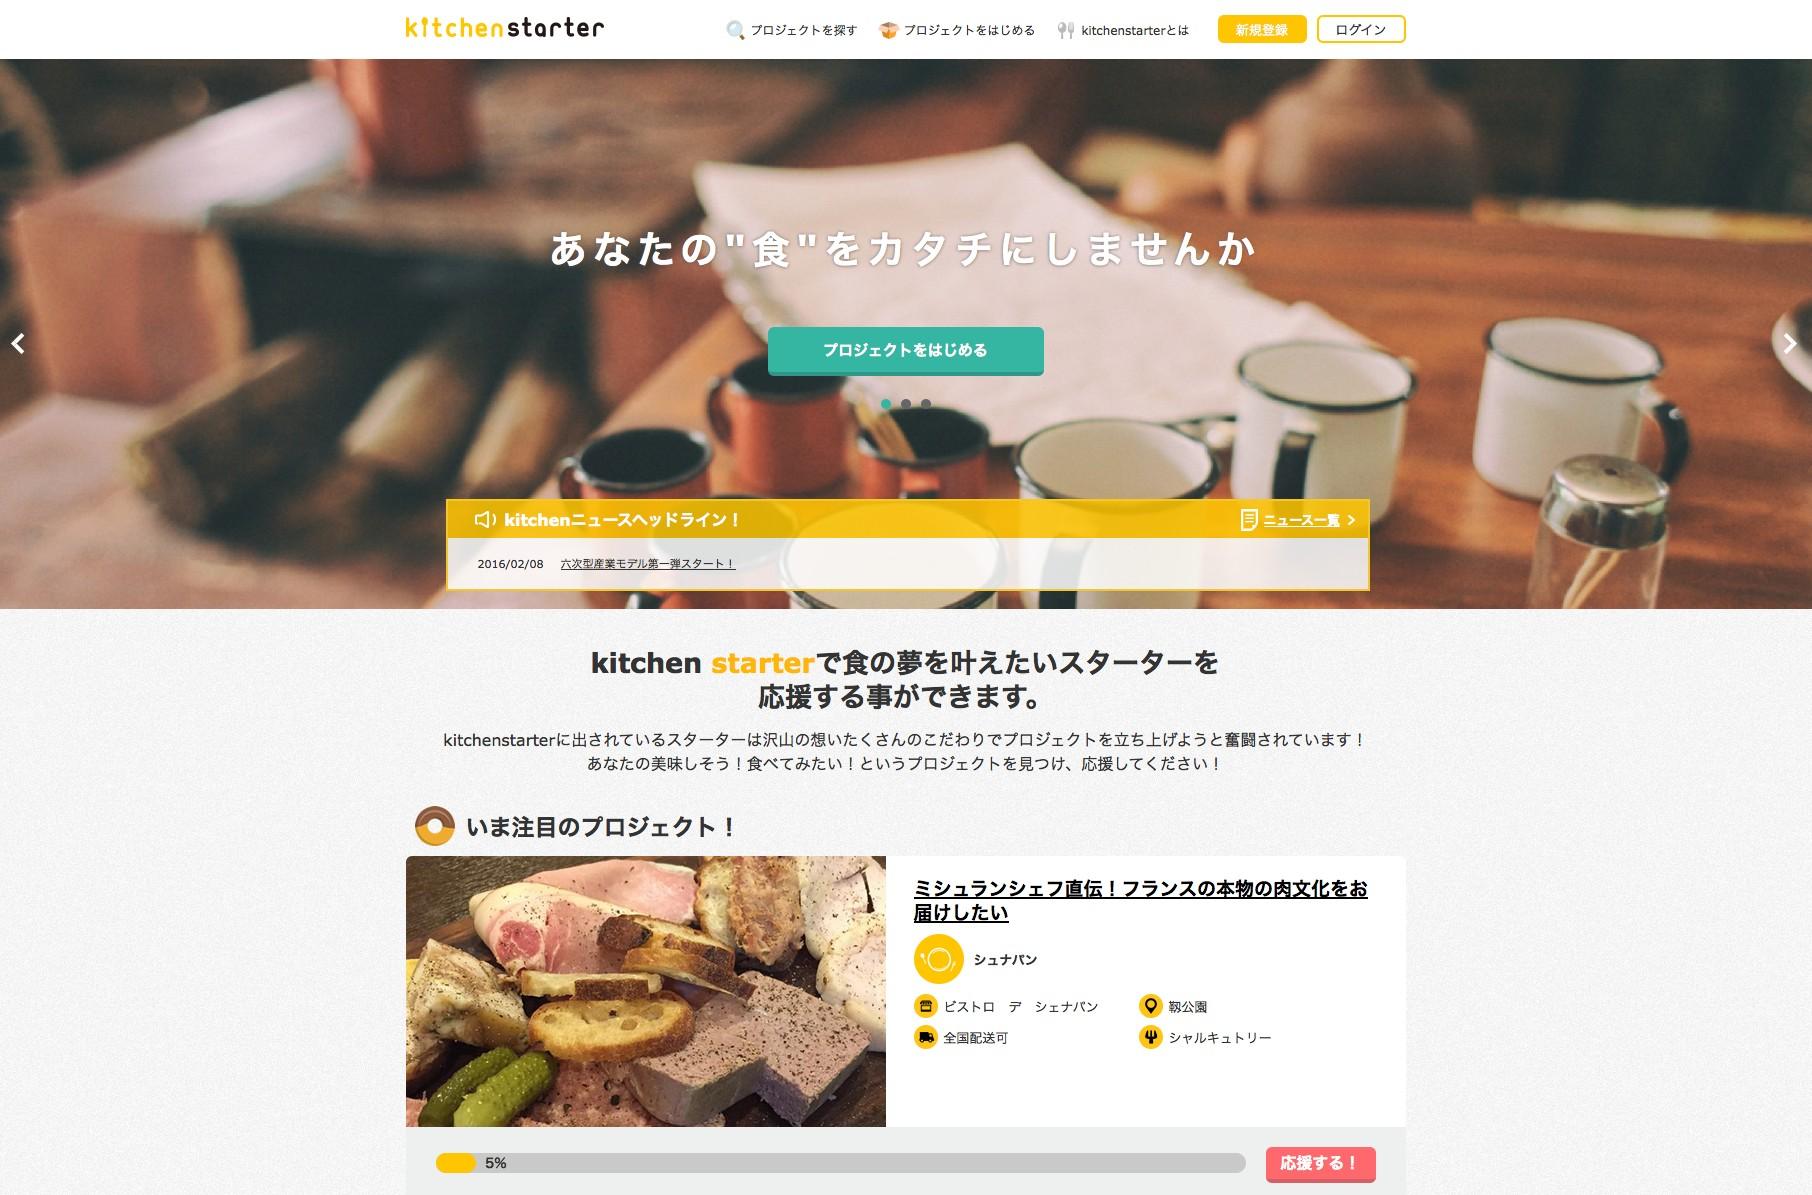 kitchenstarter(キッチンスターター)公式サイト